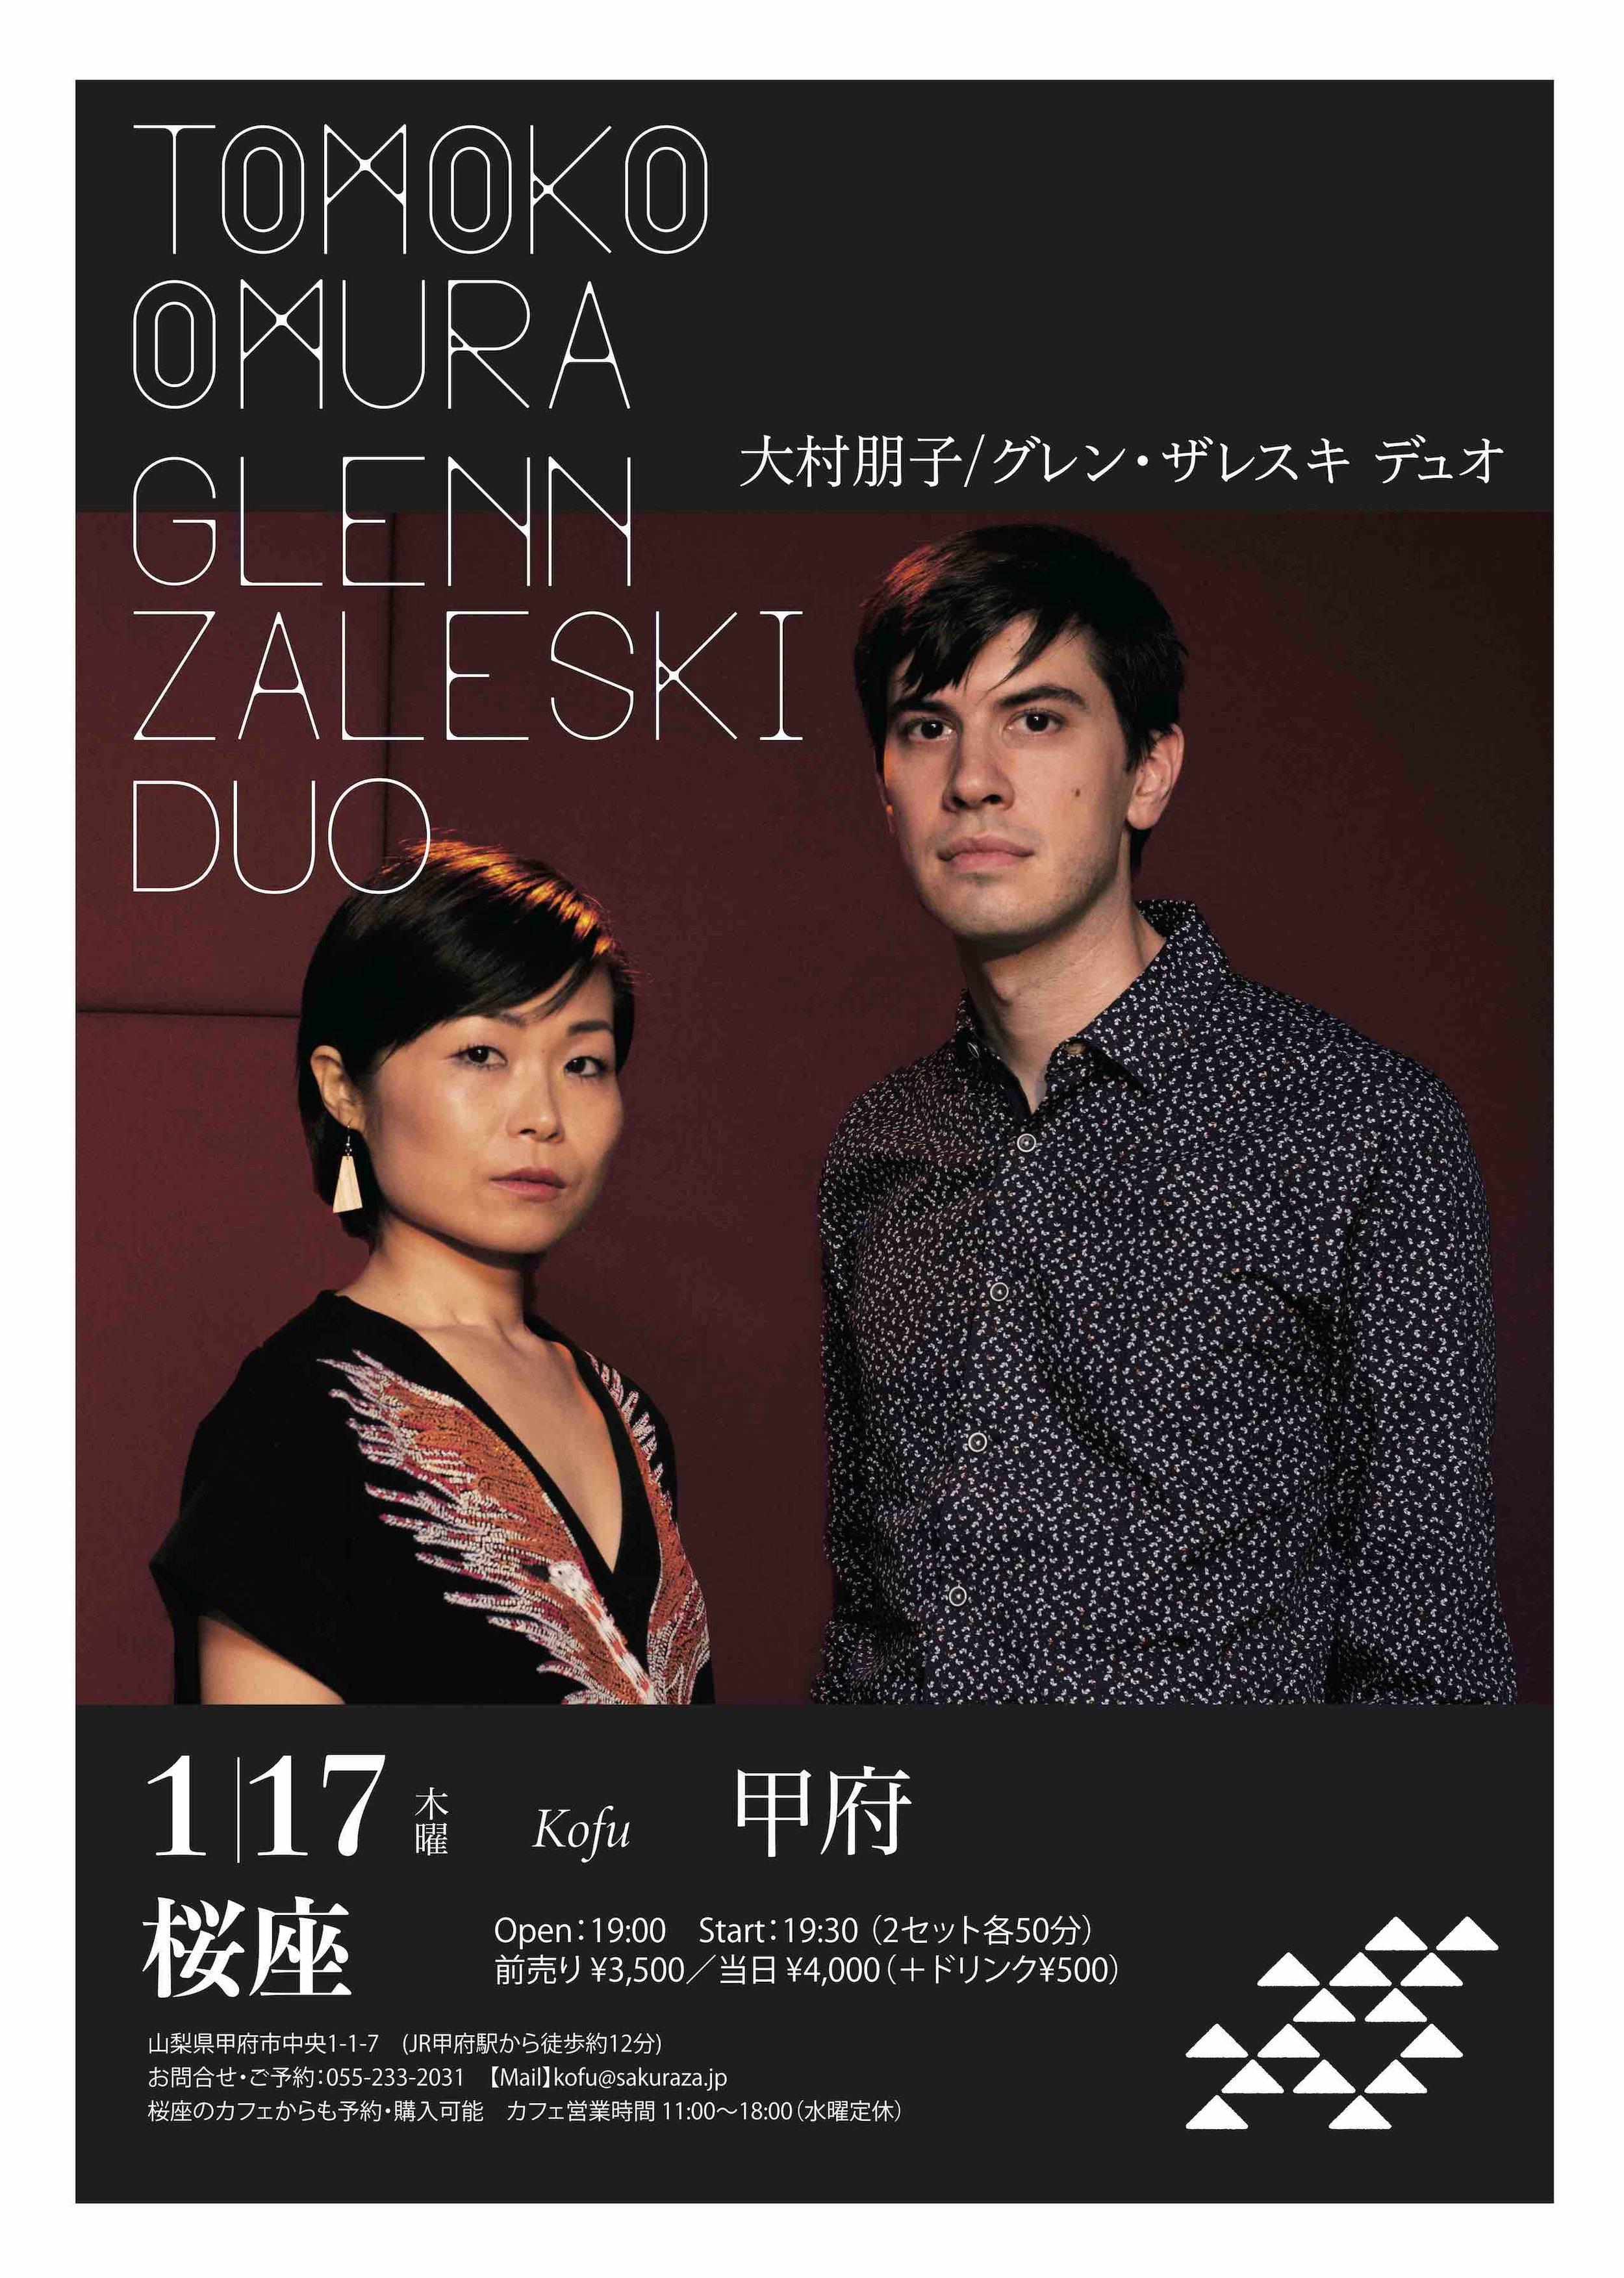 0117kofu_duo.jpg